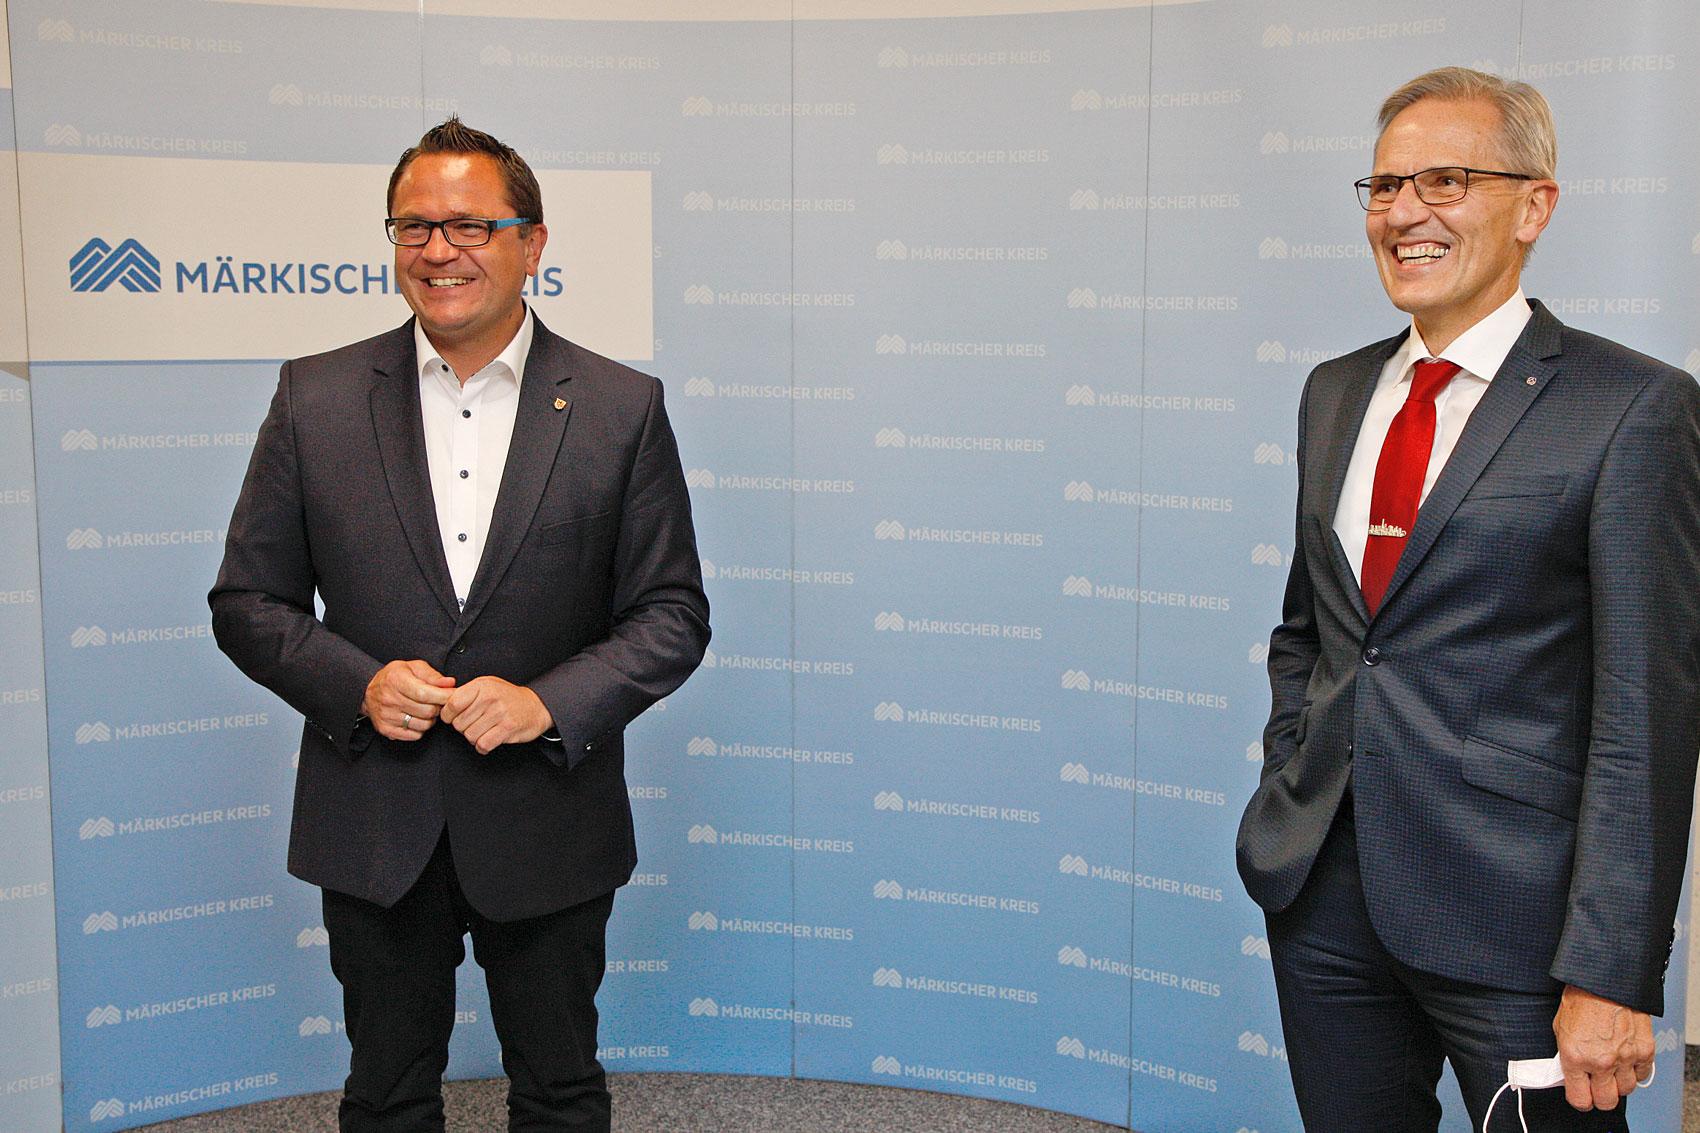 Marco Voge und Volker Schmidt müssen in zwei Wochen noch einmal bei der Stichwahl um den Landratsposten gegeneinander antreten. (Foto: Hendrik Klein/Märkischer Kreis)